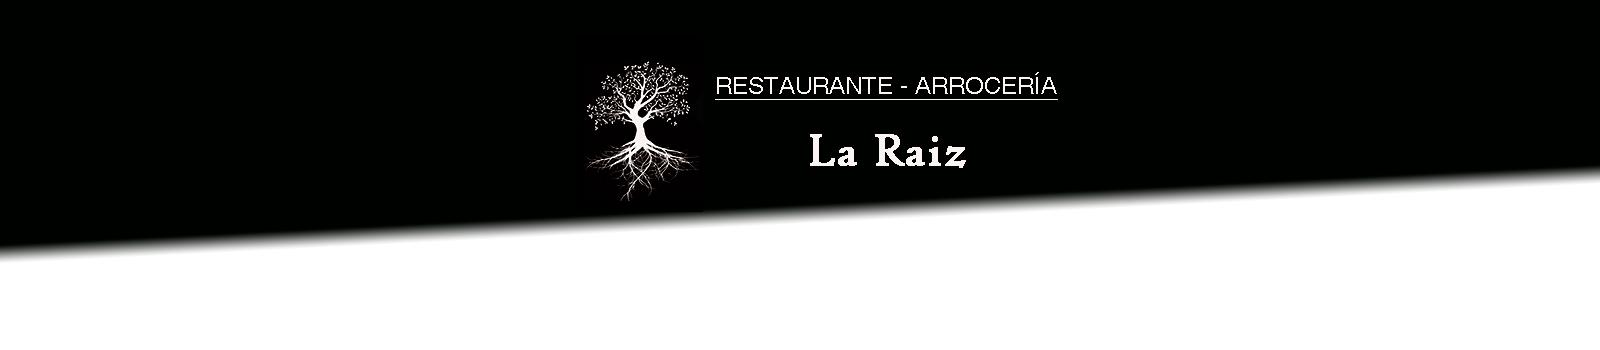 Restaurante La Raíz, restaurante en valladolid, arrocería en valladolid,cocina en barra